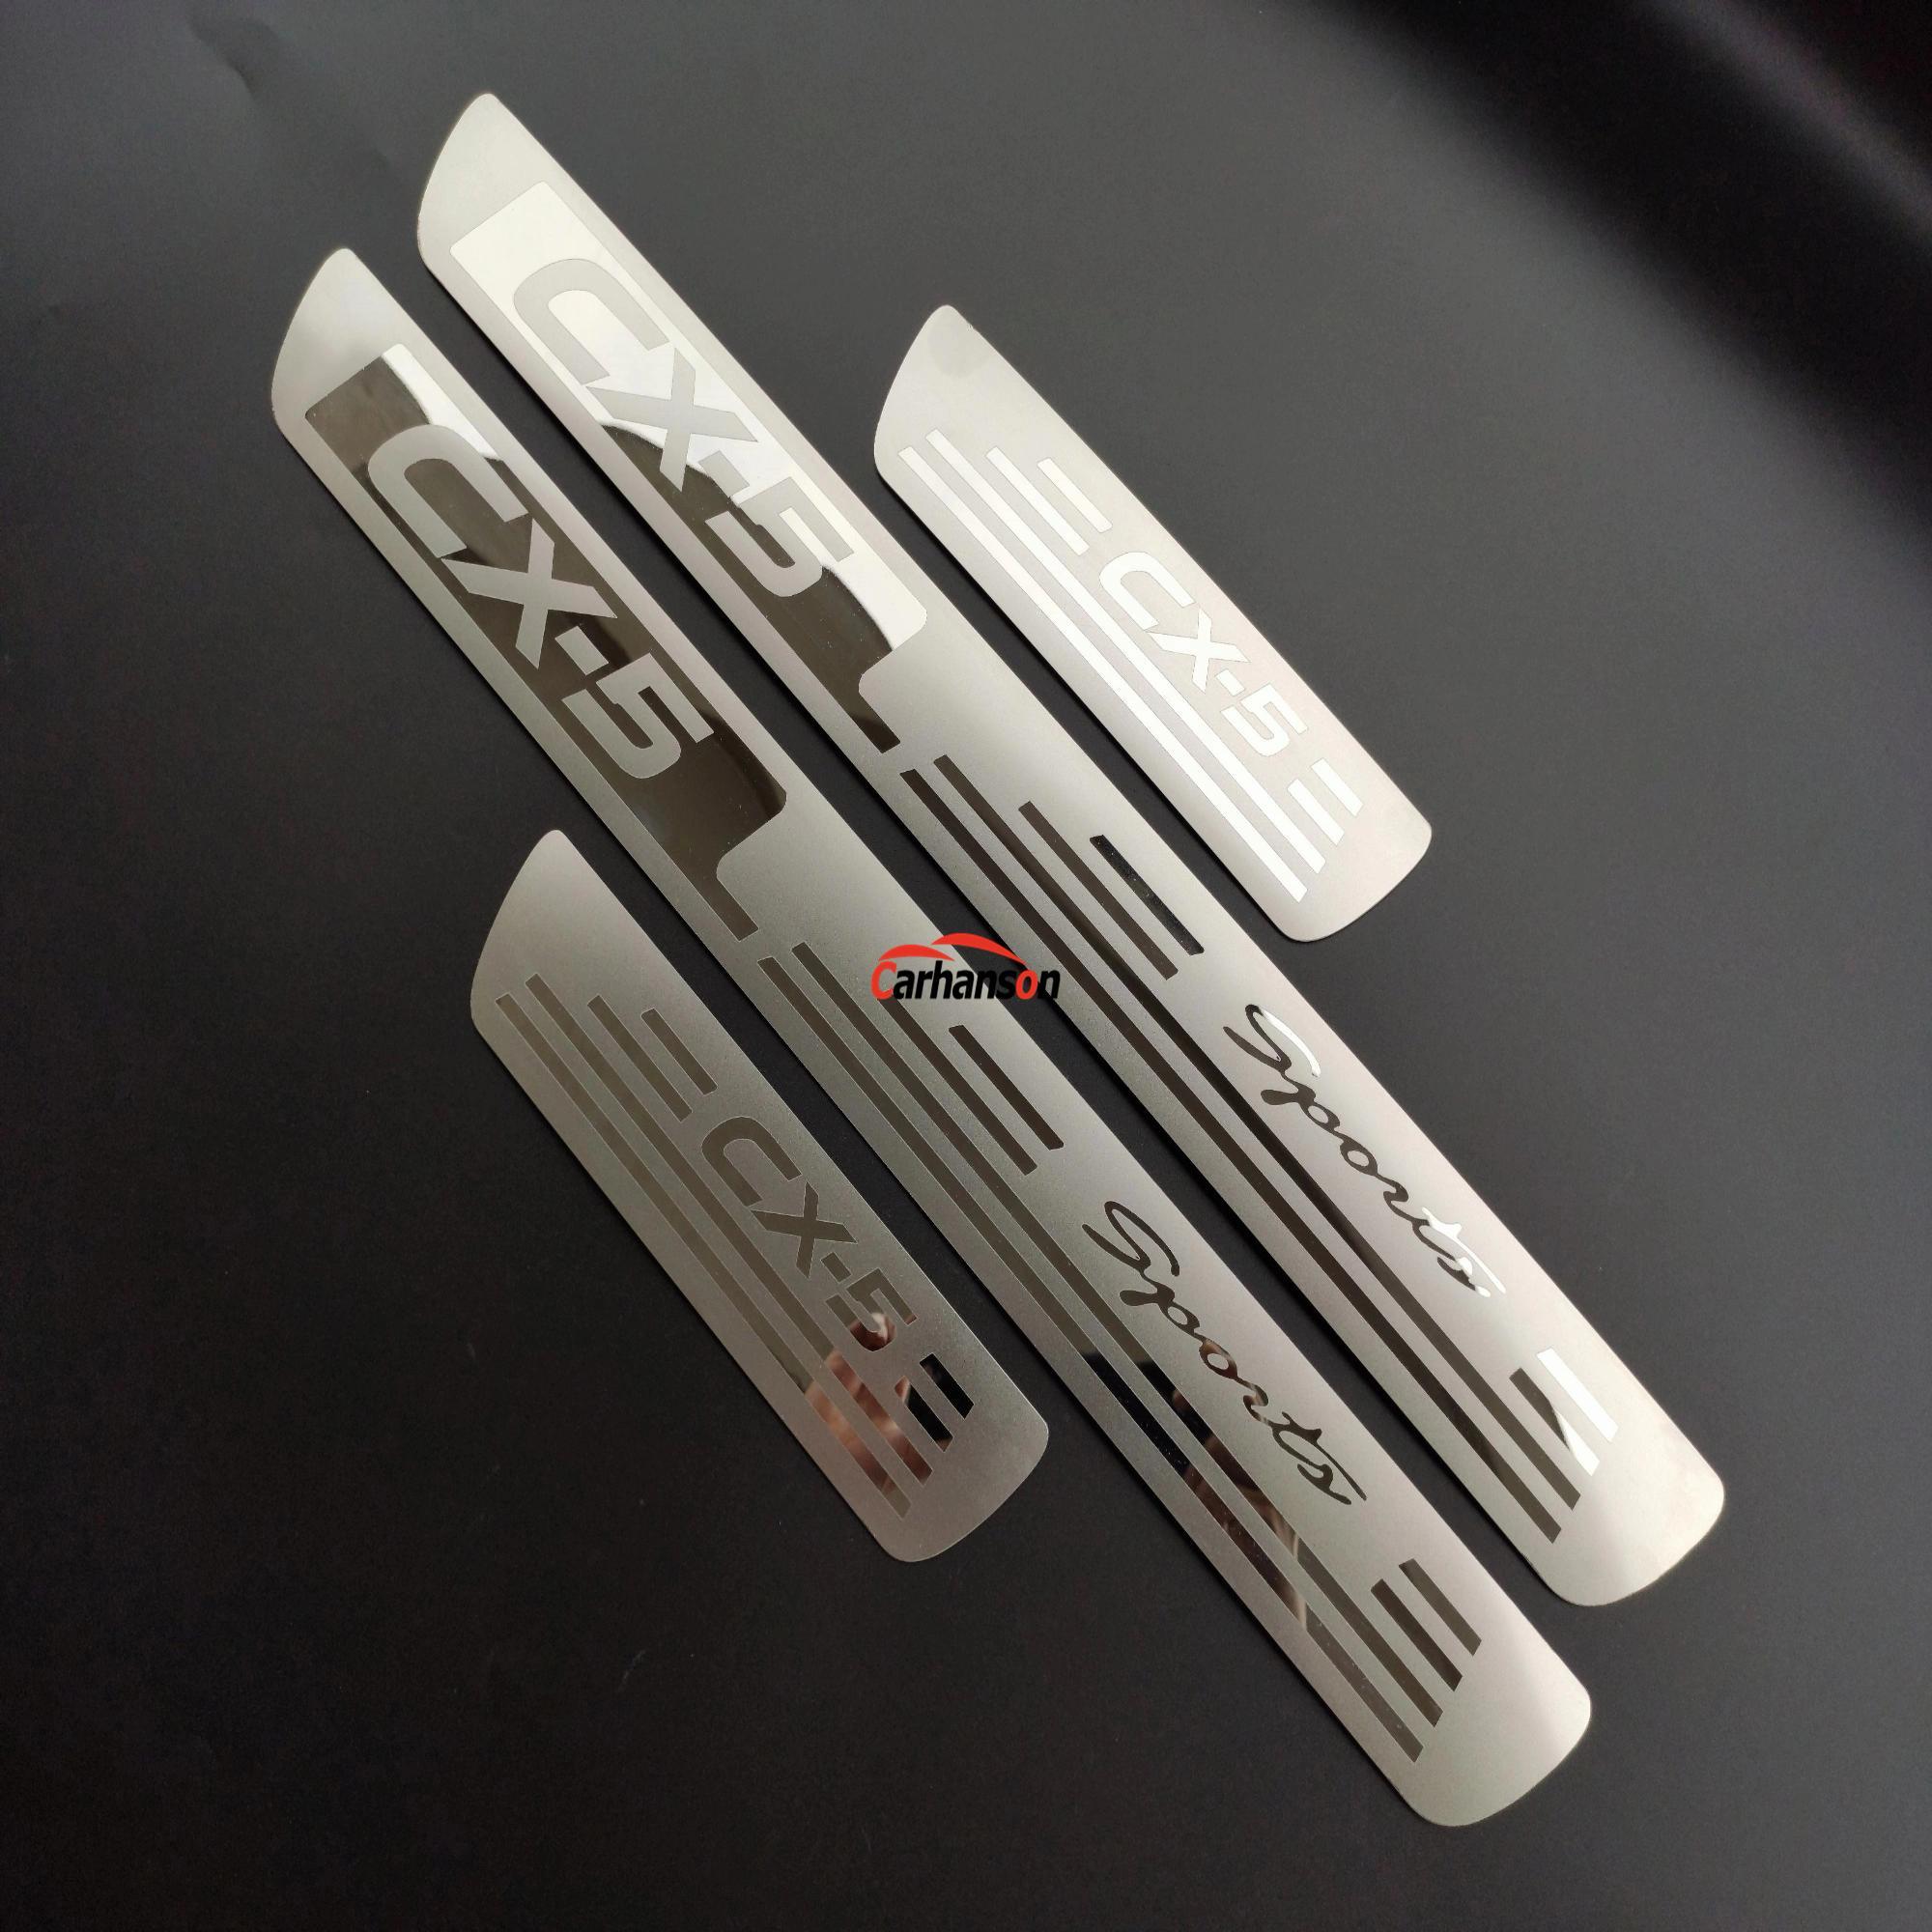 Auto Styling Accessories For Mazda Cx5 Cx-5 Cx 5  Door Sill Cover Scuff Plate Guard Car Sticker Protector 2013 2015 2016 4pcs